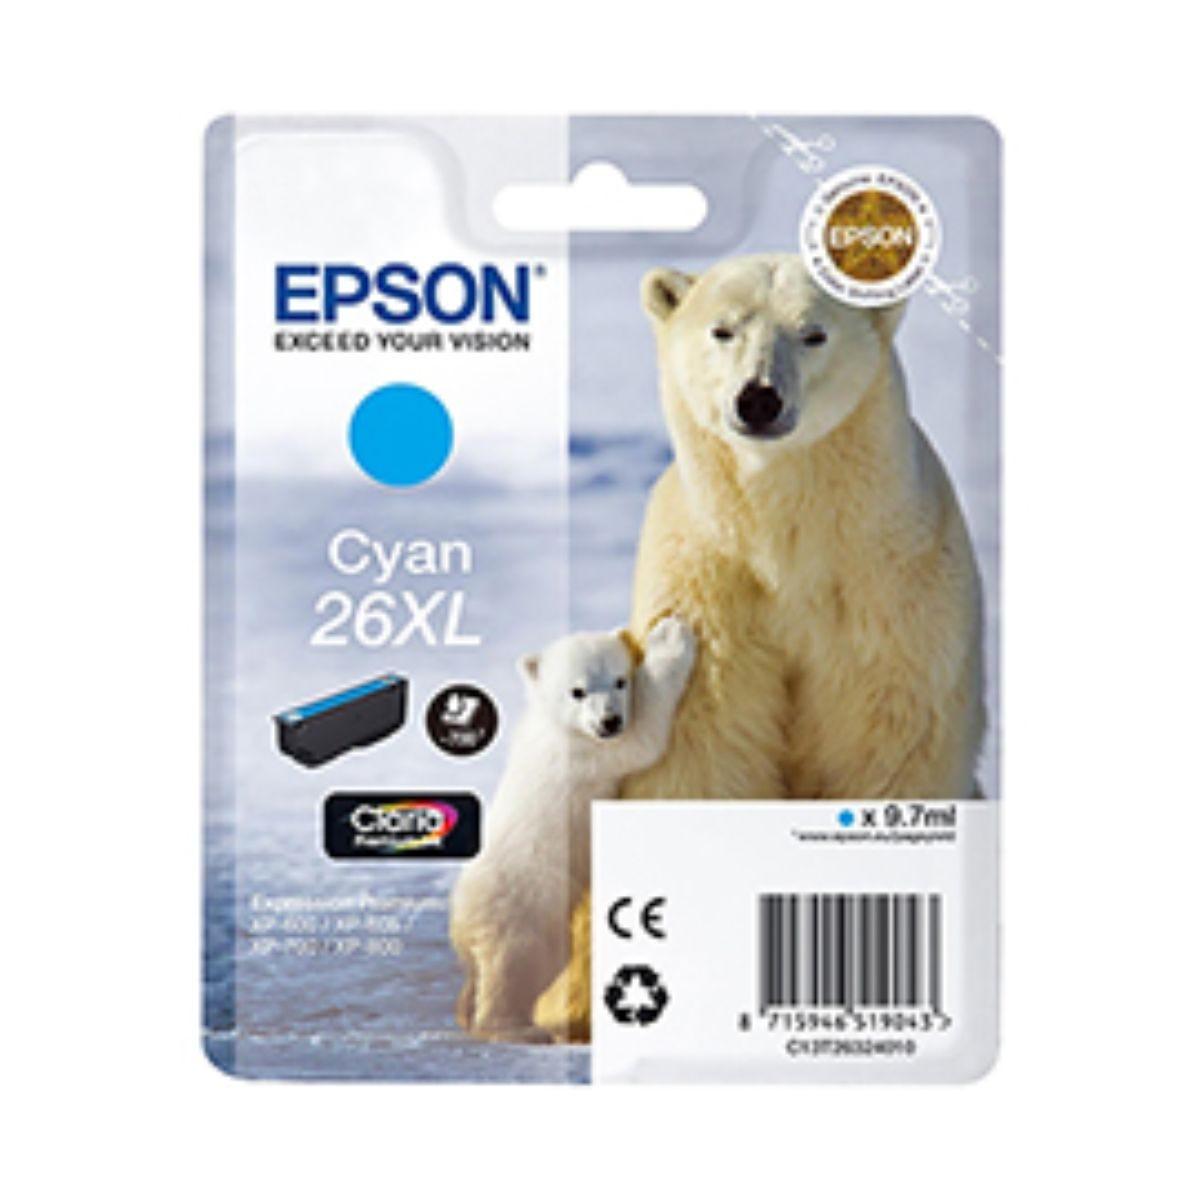 Epson T2632 XL Ink Cyan, Cyan